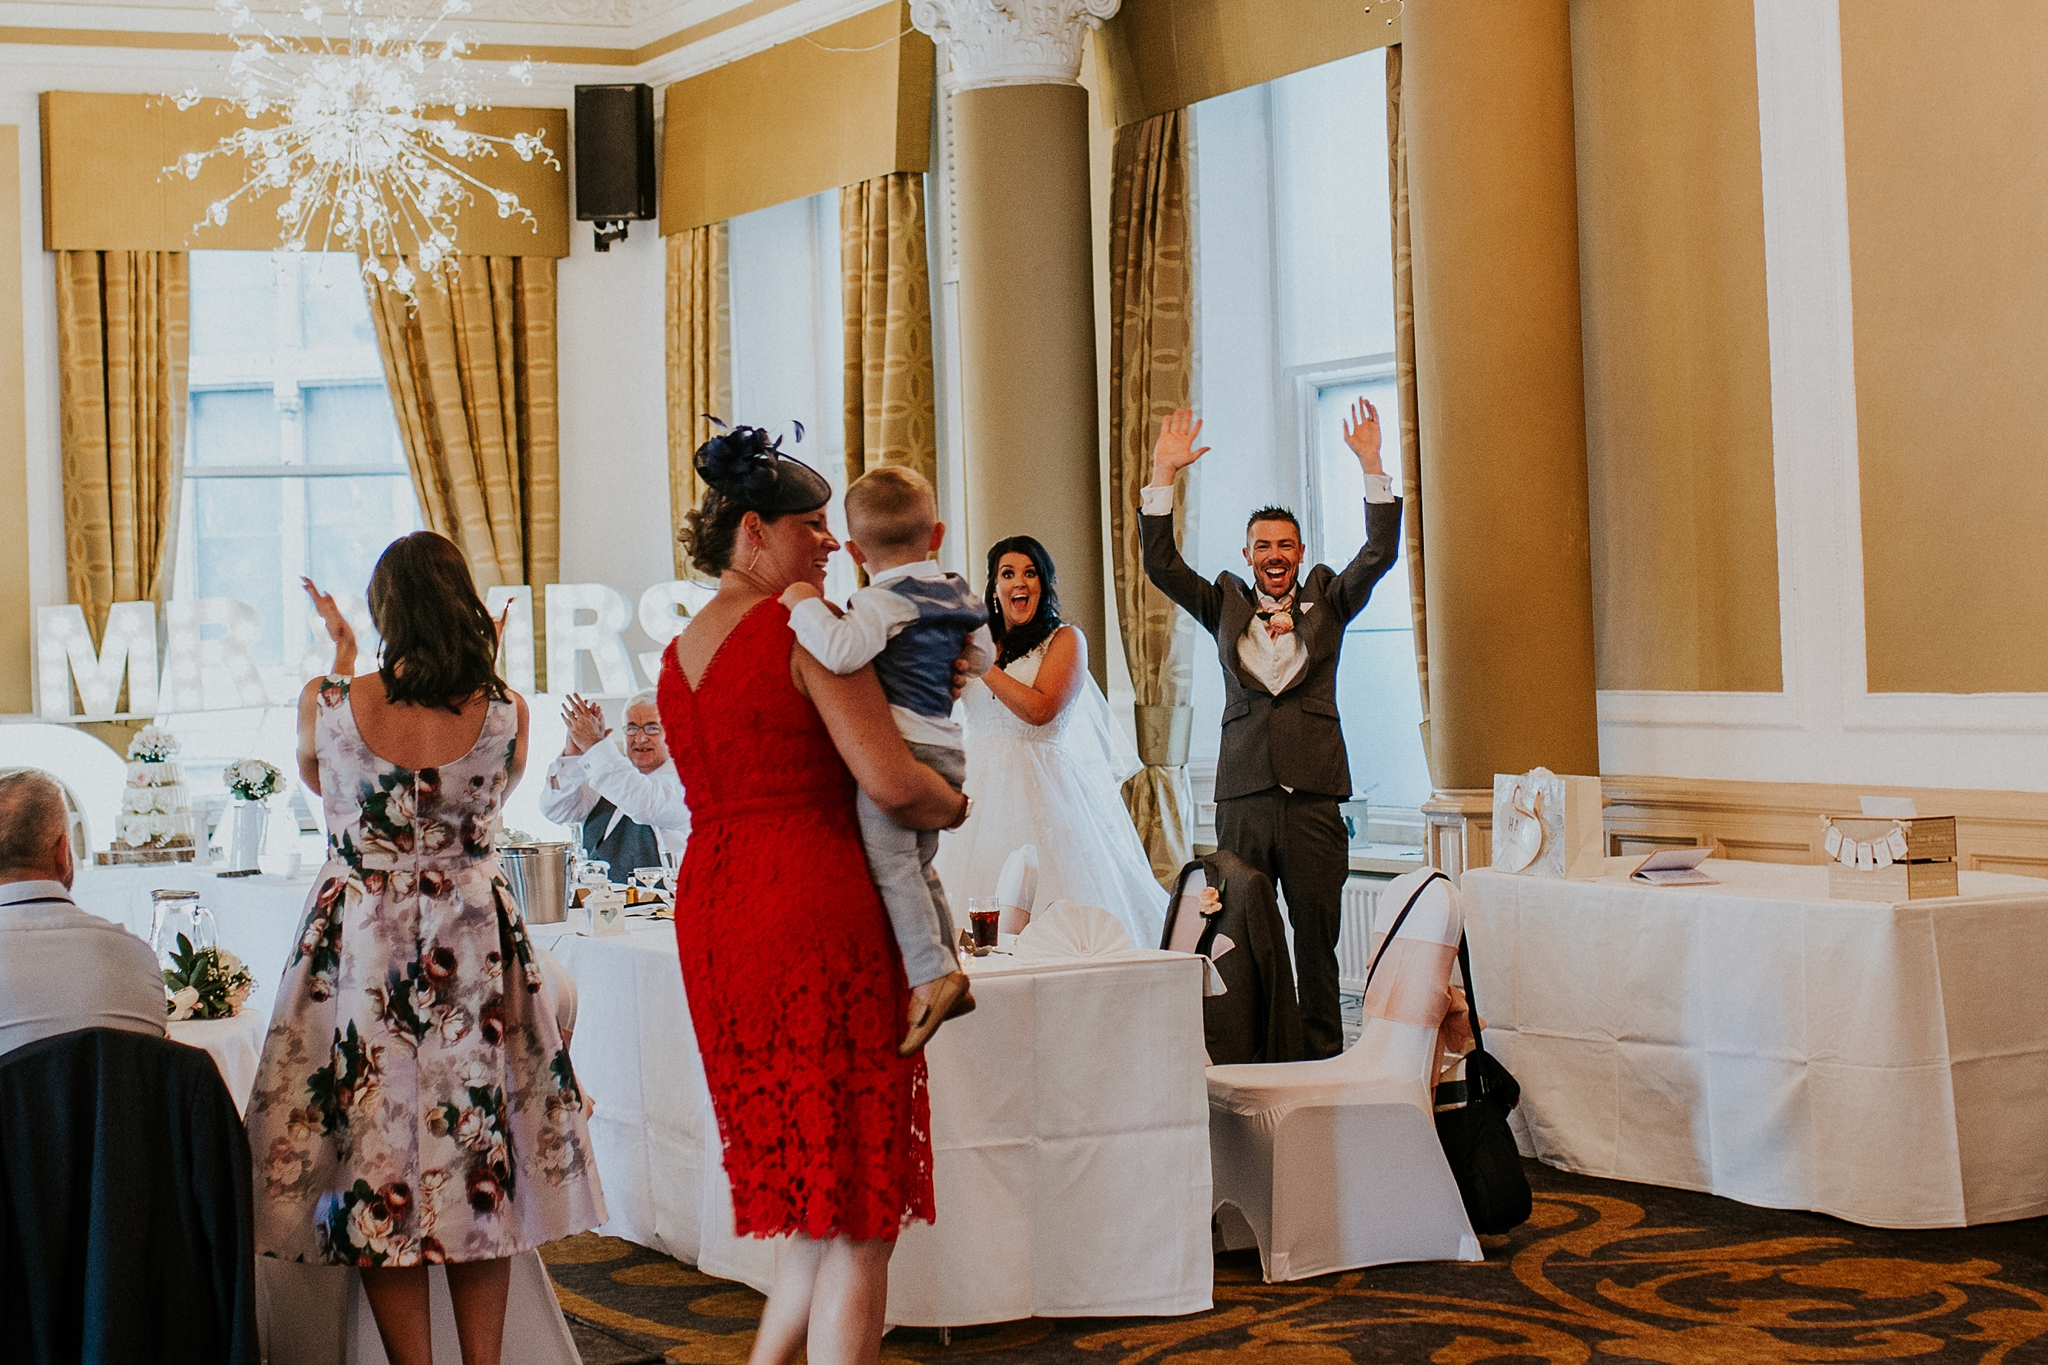 newcastle_upon_tyne_wedding_photographer-53.JPG